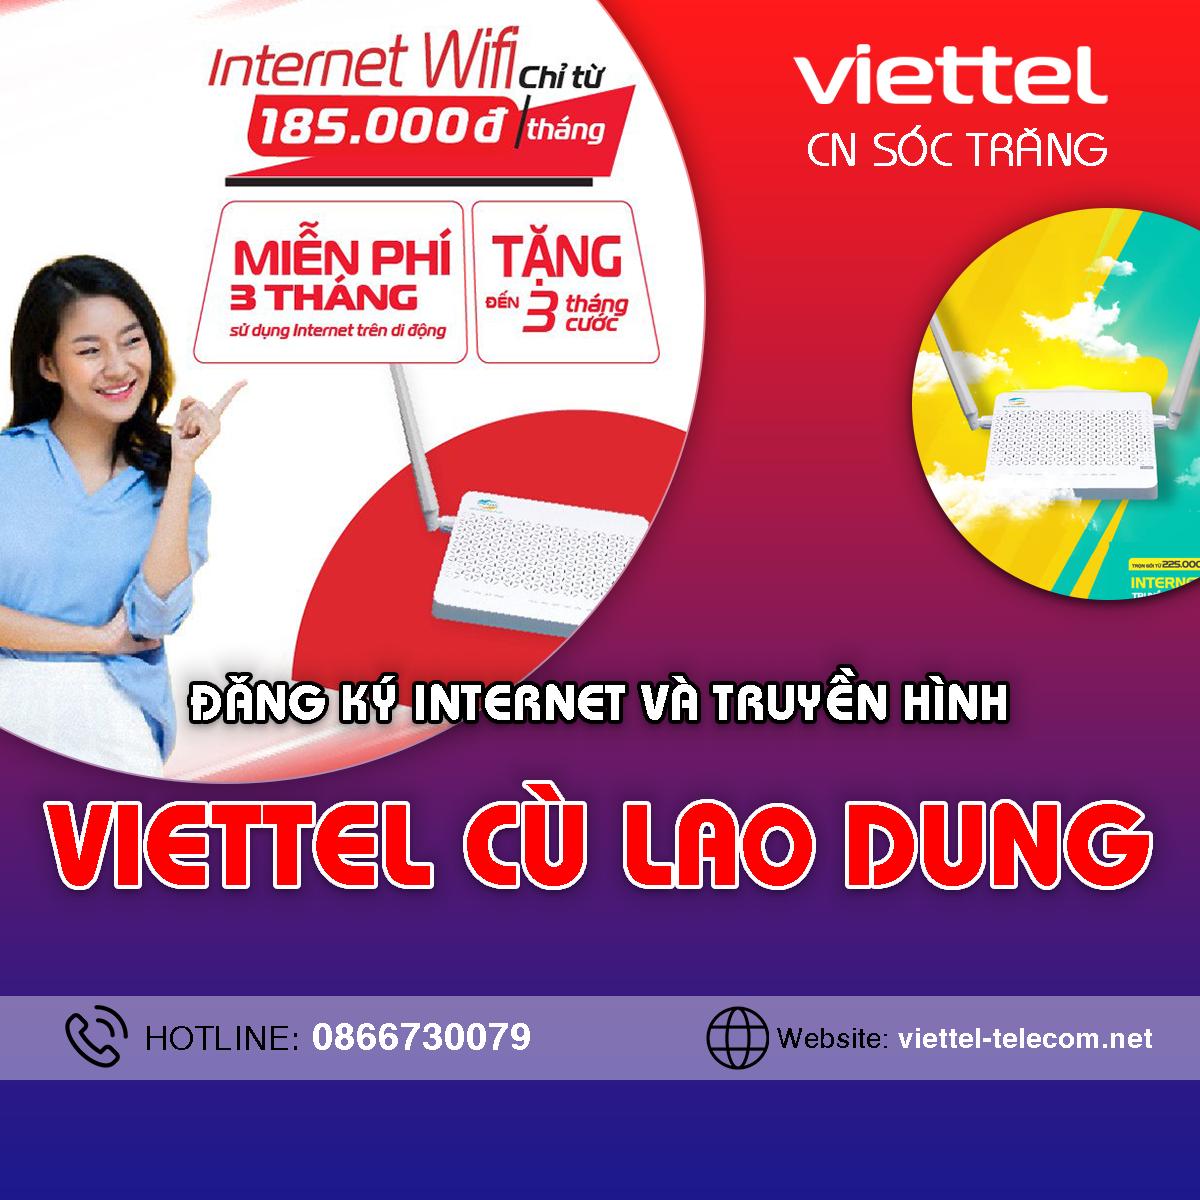 Cửa hàng Viettel Cù Lao Dung - Điện thoại 0866191900